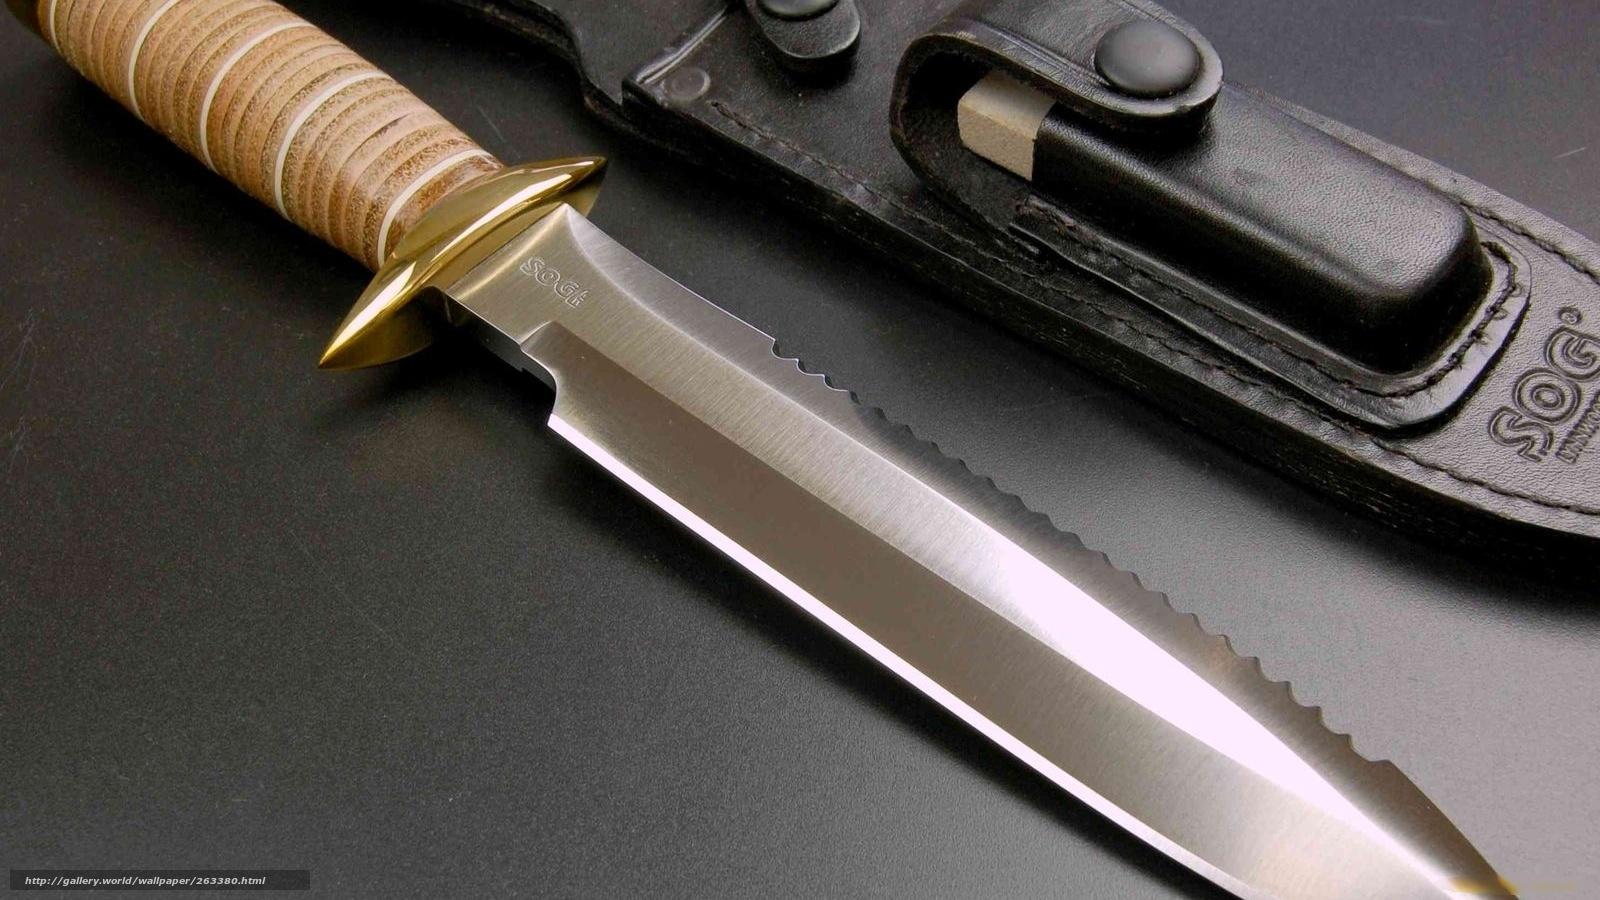 下载壁纸 冷, 武器, 刀, 刀片 免费为您的桌面分辨率的壁纸 1600x900